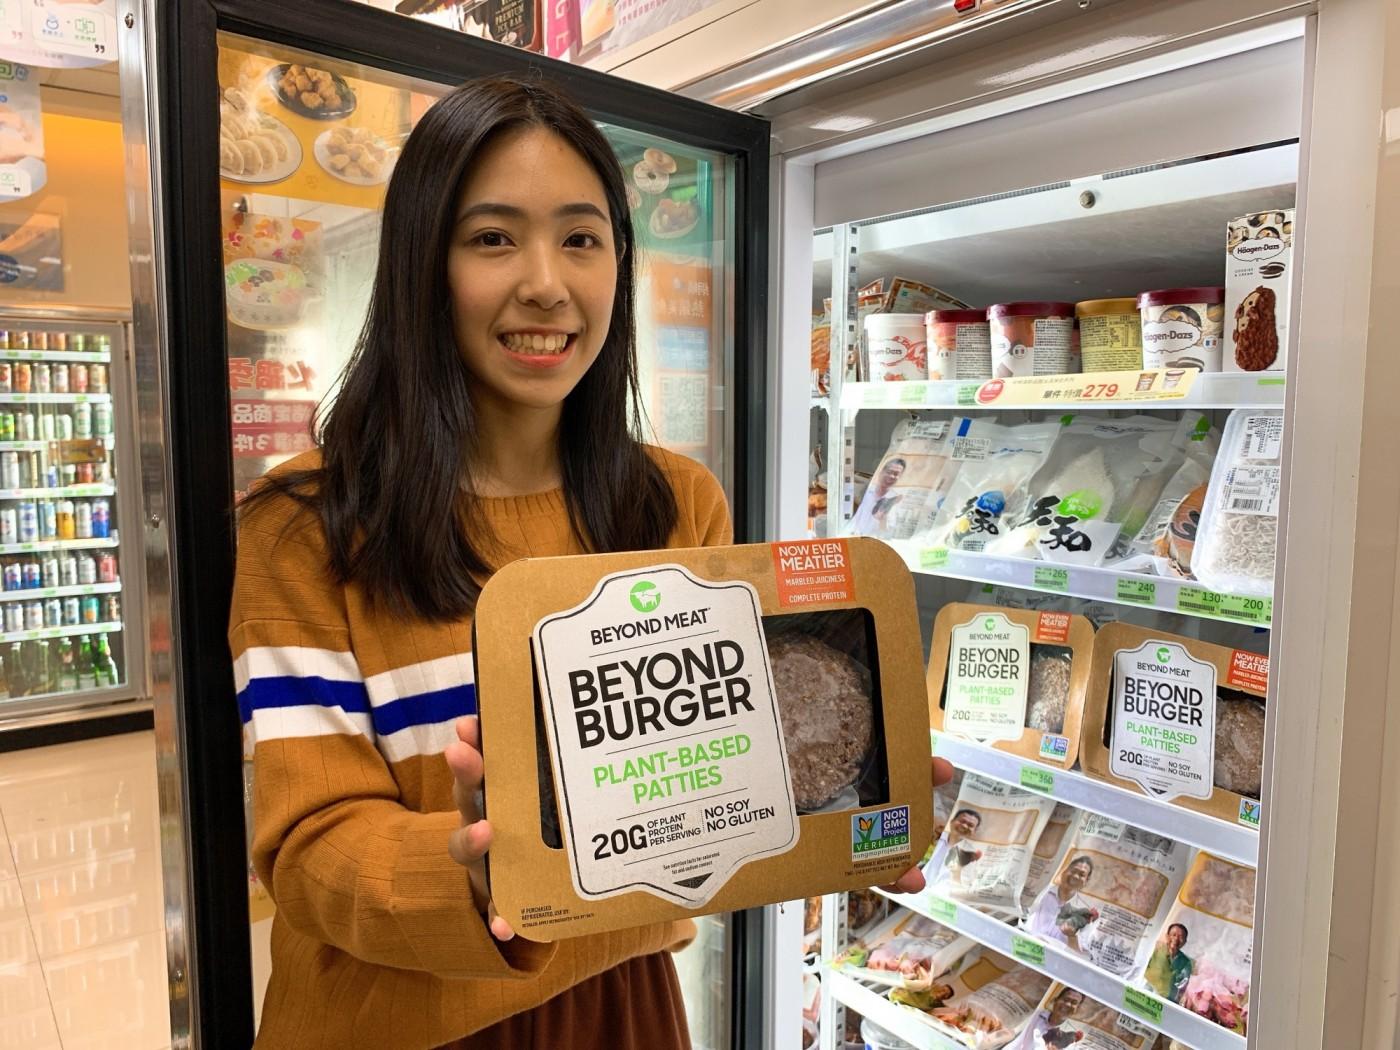 人造肉大舉登台!全家開賣Beyond Meat,全台首間販售「未來漢堡排」超商